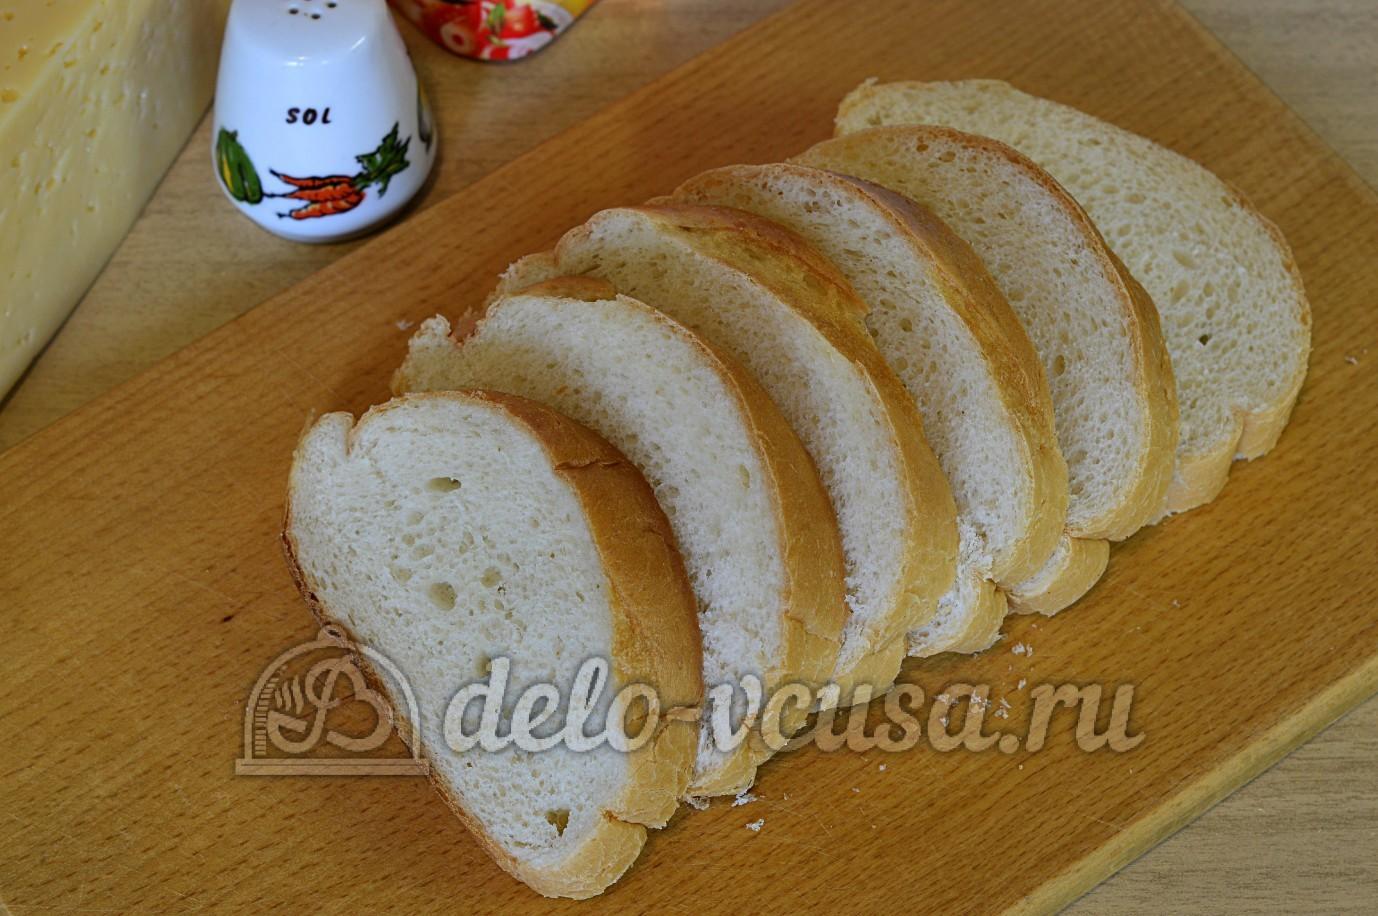 Белые сладкие гренки с яйцом и молоком - рецепт, фото 100